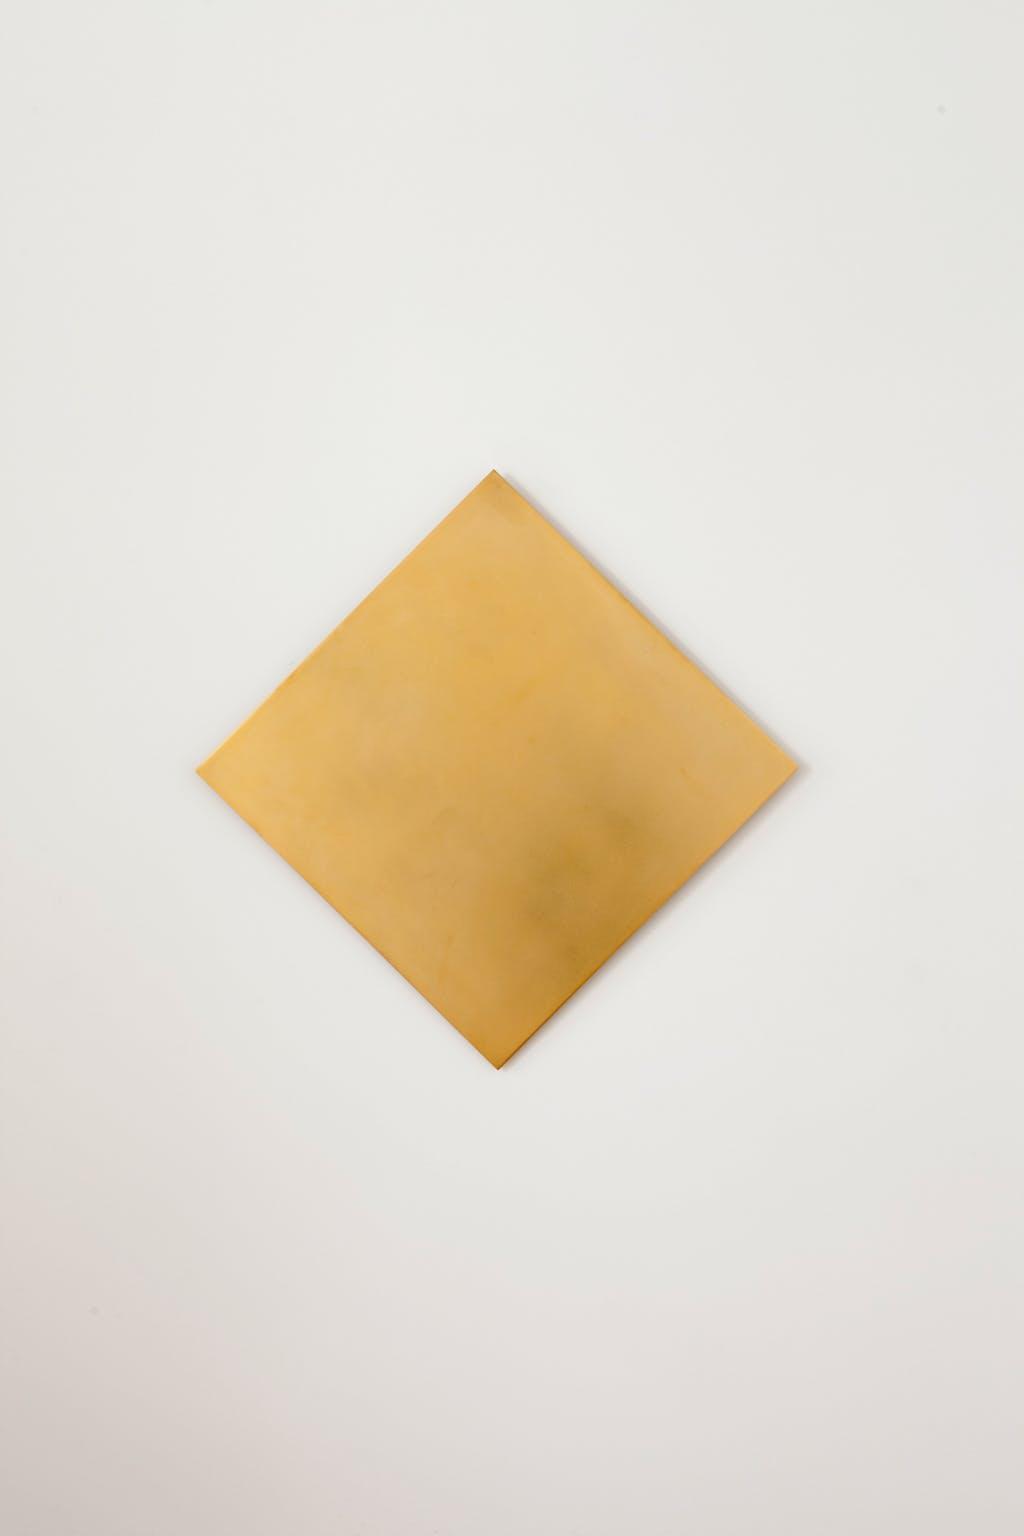 Concordant Golden Square 45° turned - © kamel mennour